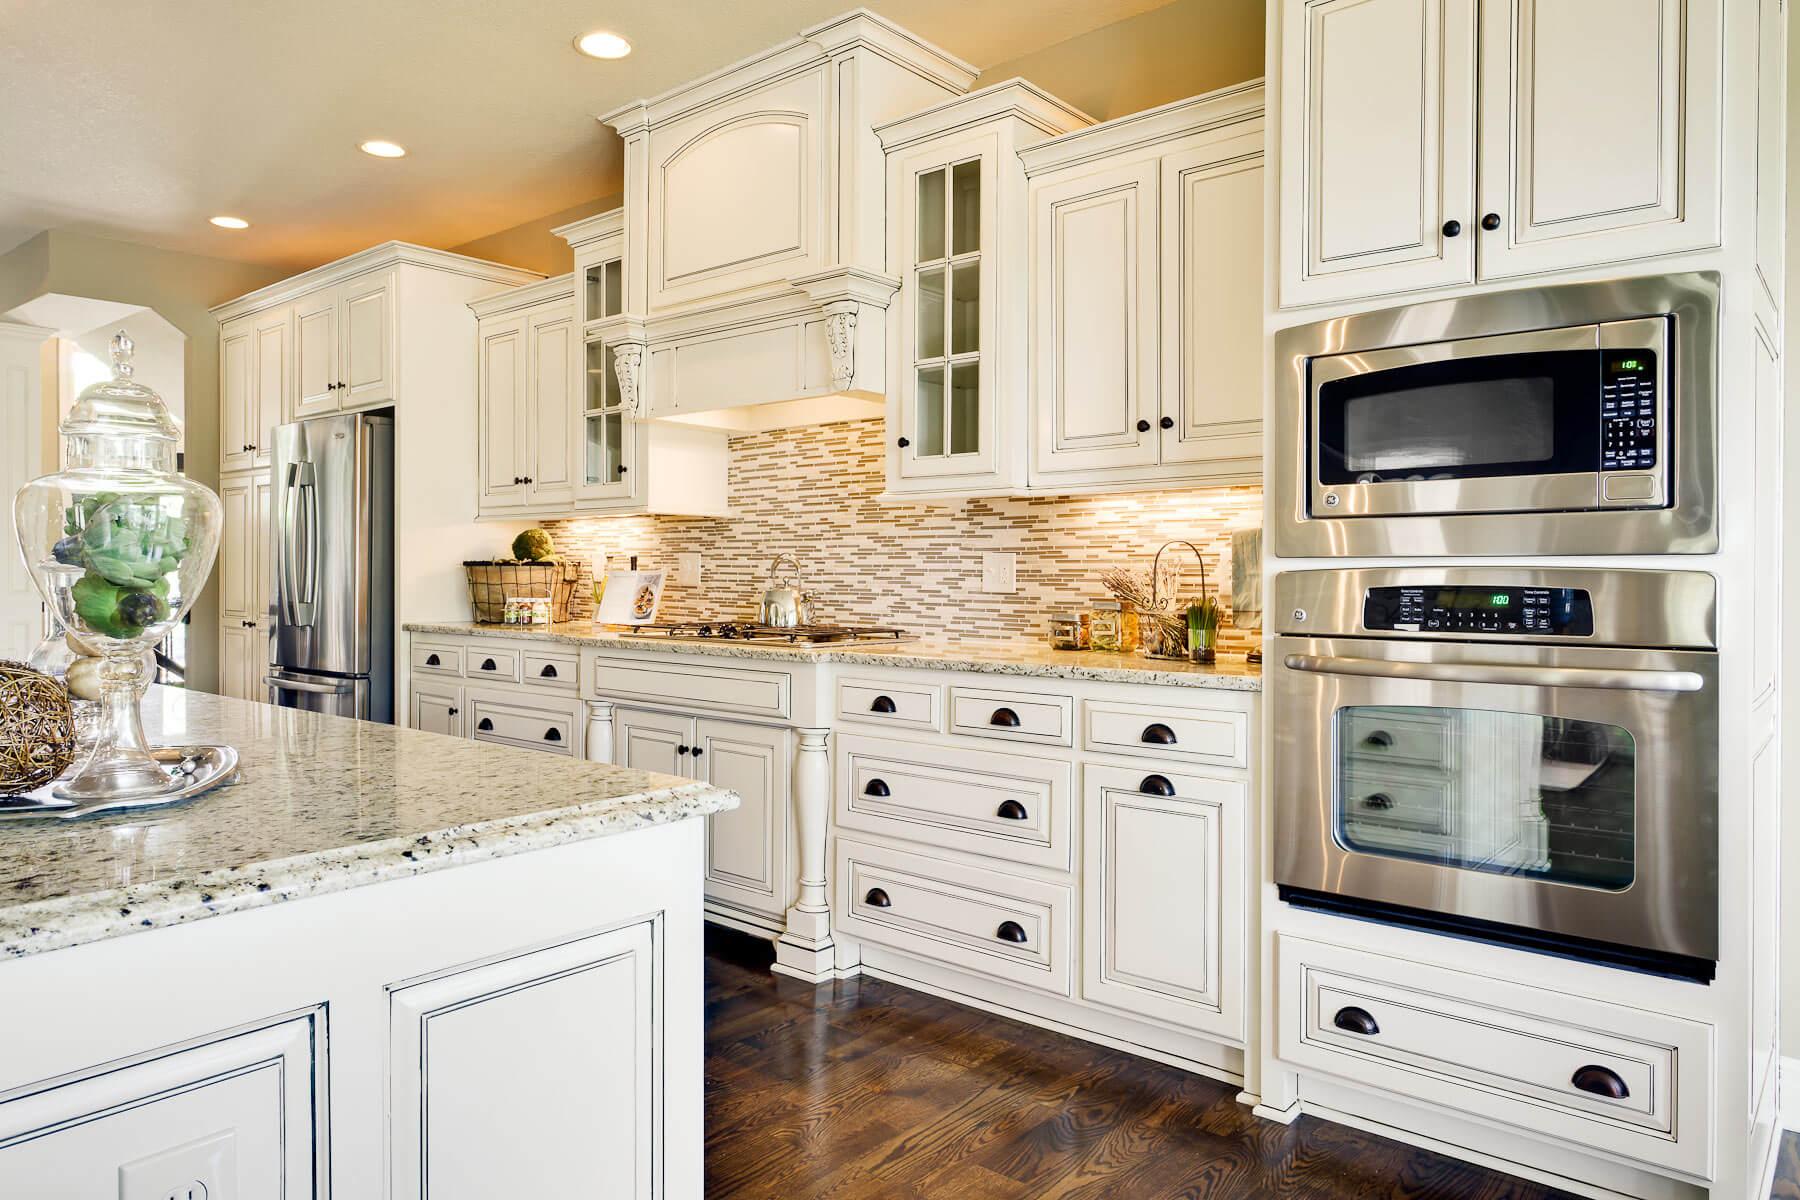 White Kitchen Interior photo - 3